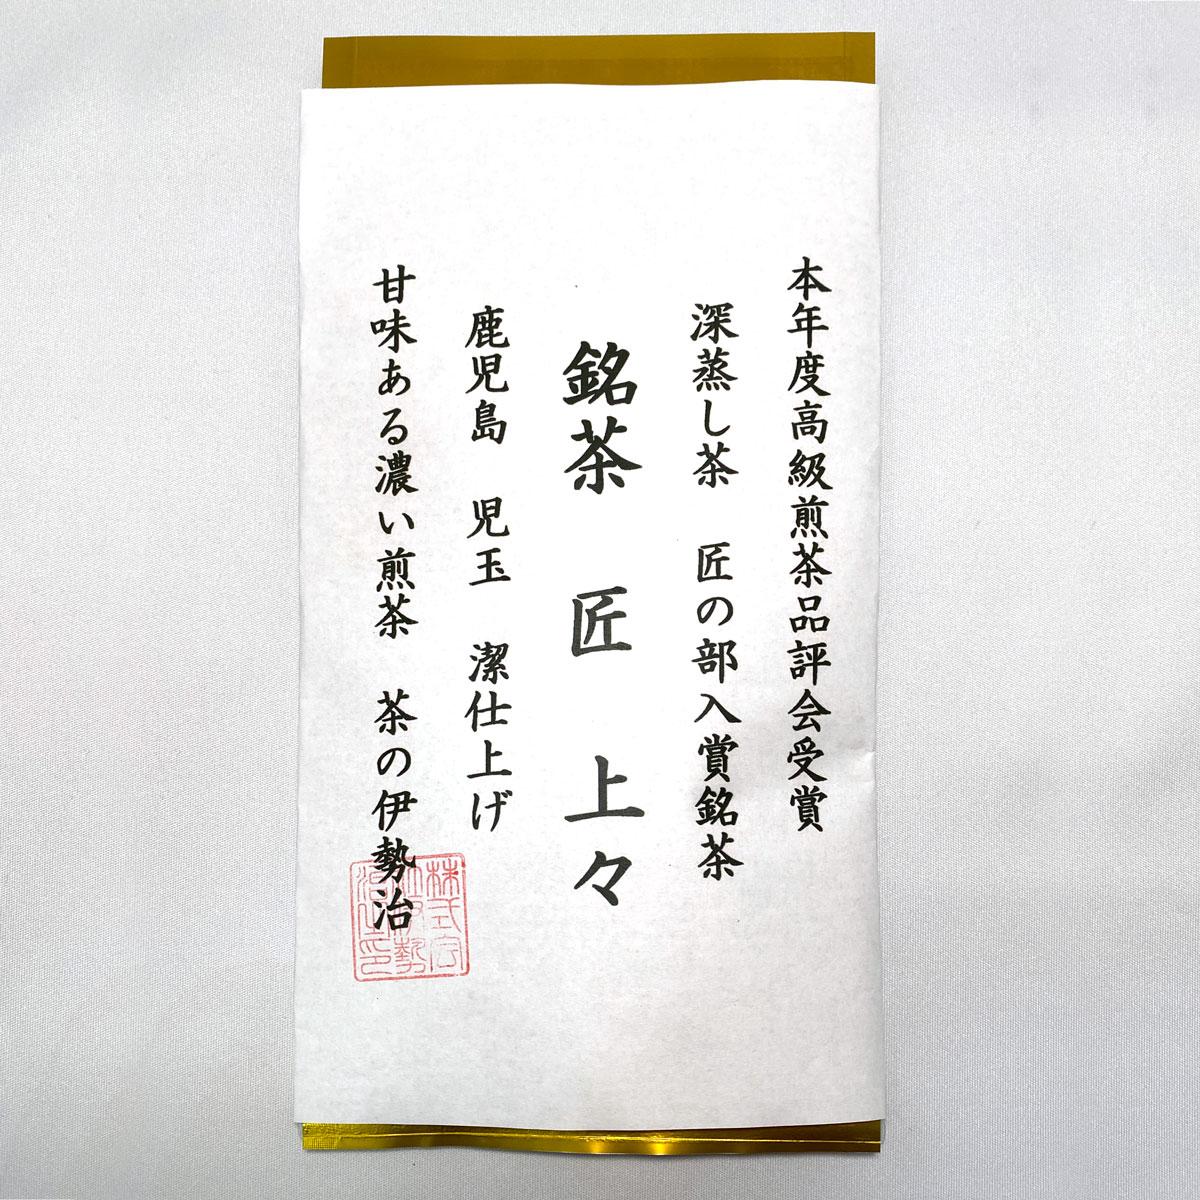 深蒸し銘茶「匠 上々」100g 鹿児島県産